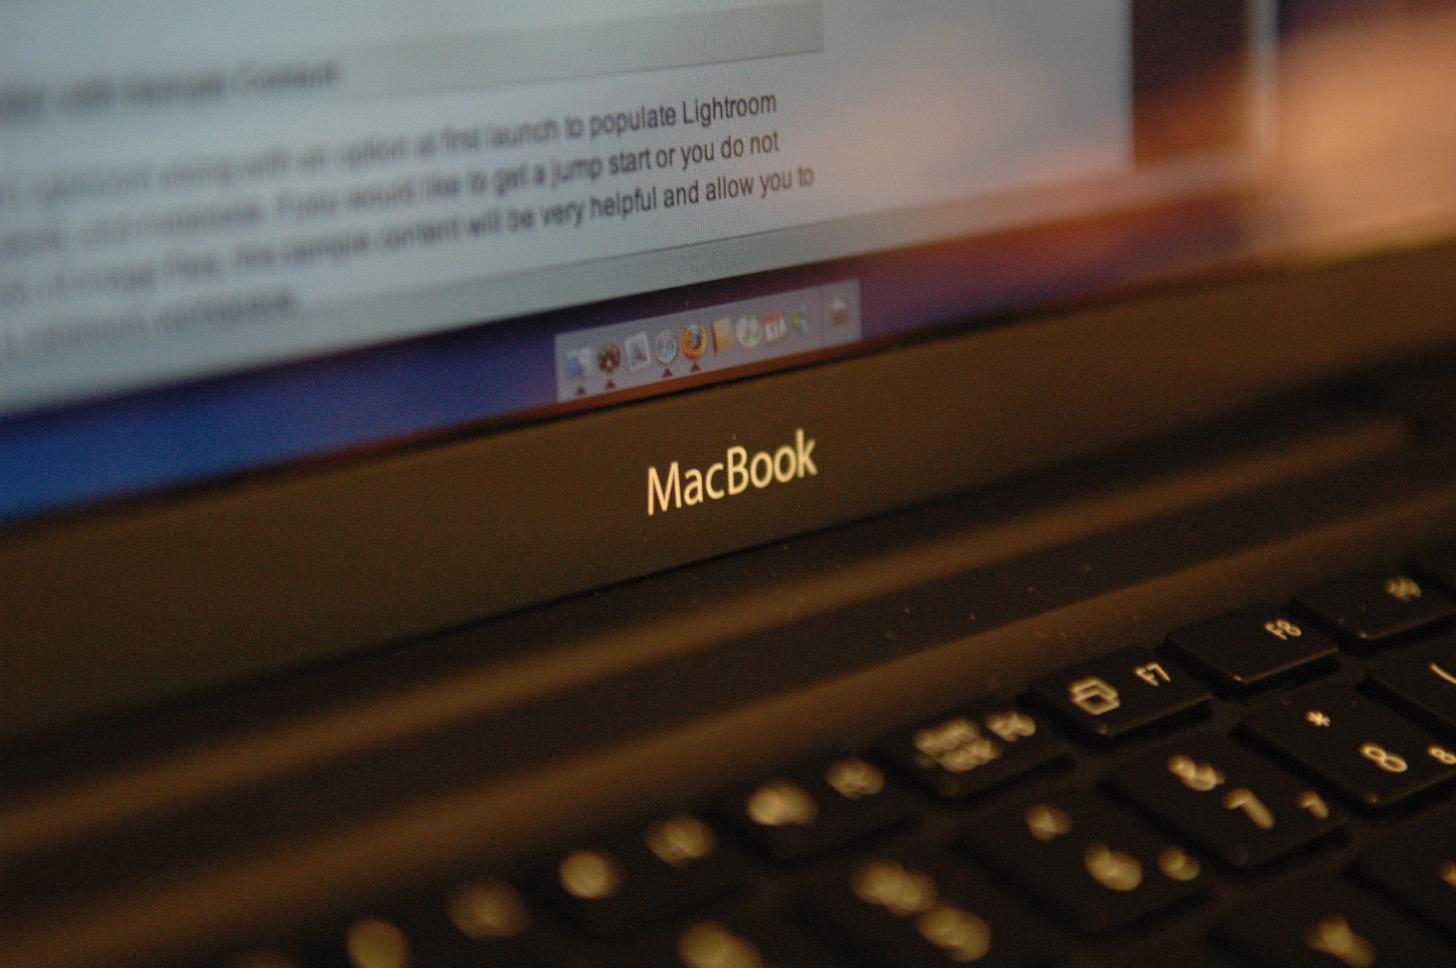 【Mac】ウインドウの上部が隠れてしまって移動ができなくなってしまった!って時の対処方法。